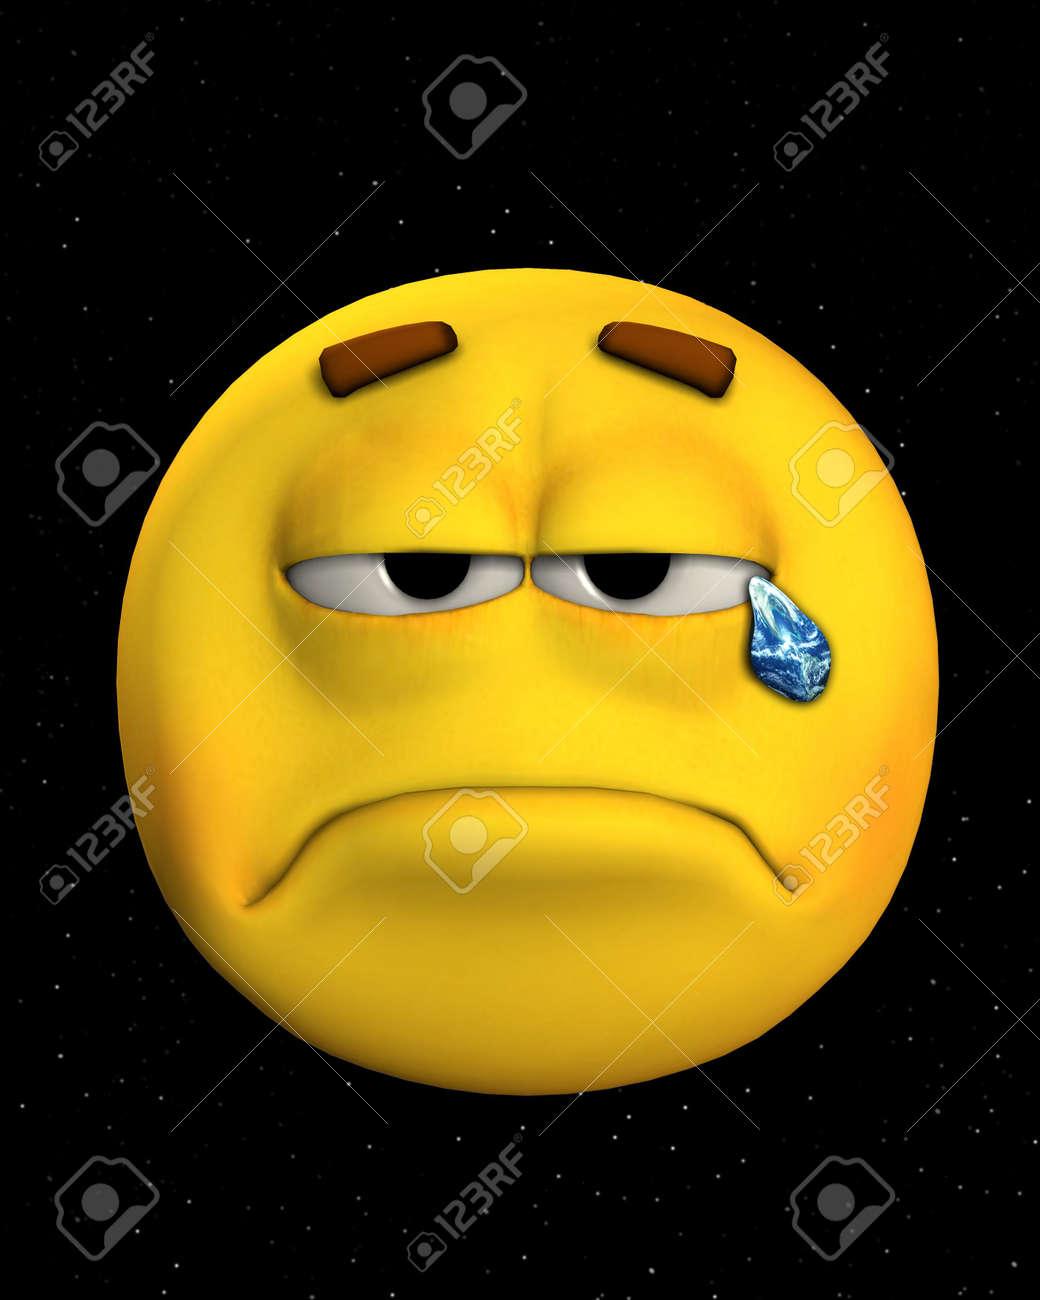 Konzept Abbild Ein Trauriges Gesicht Weinen Erde Tranen Im Raum